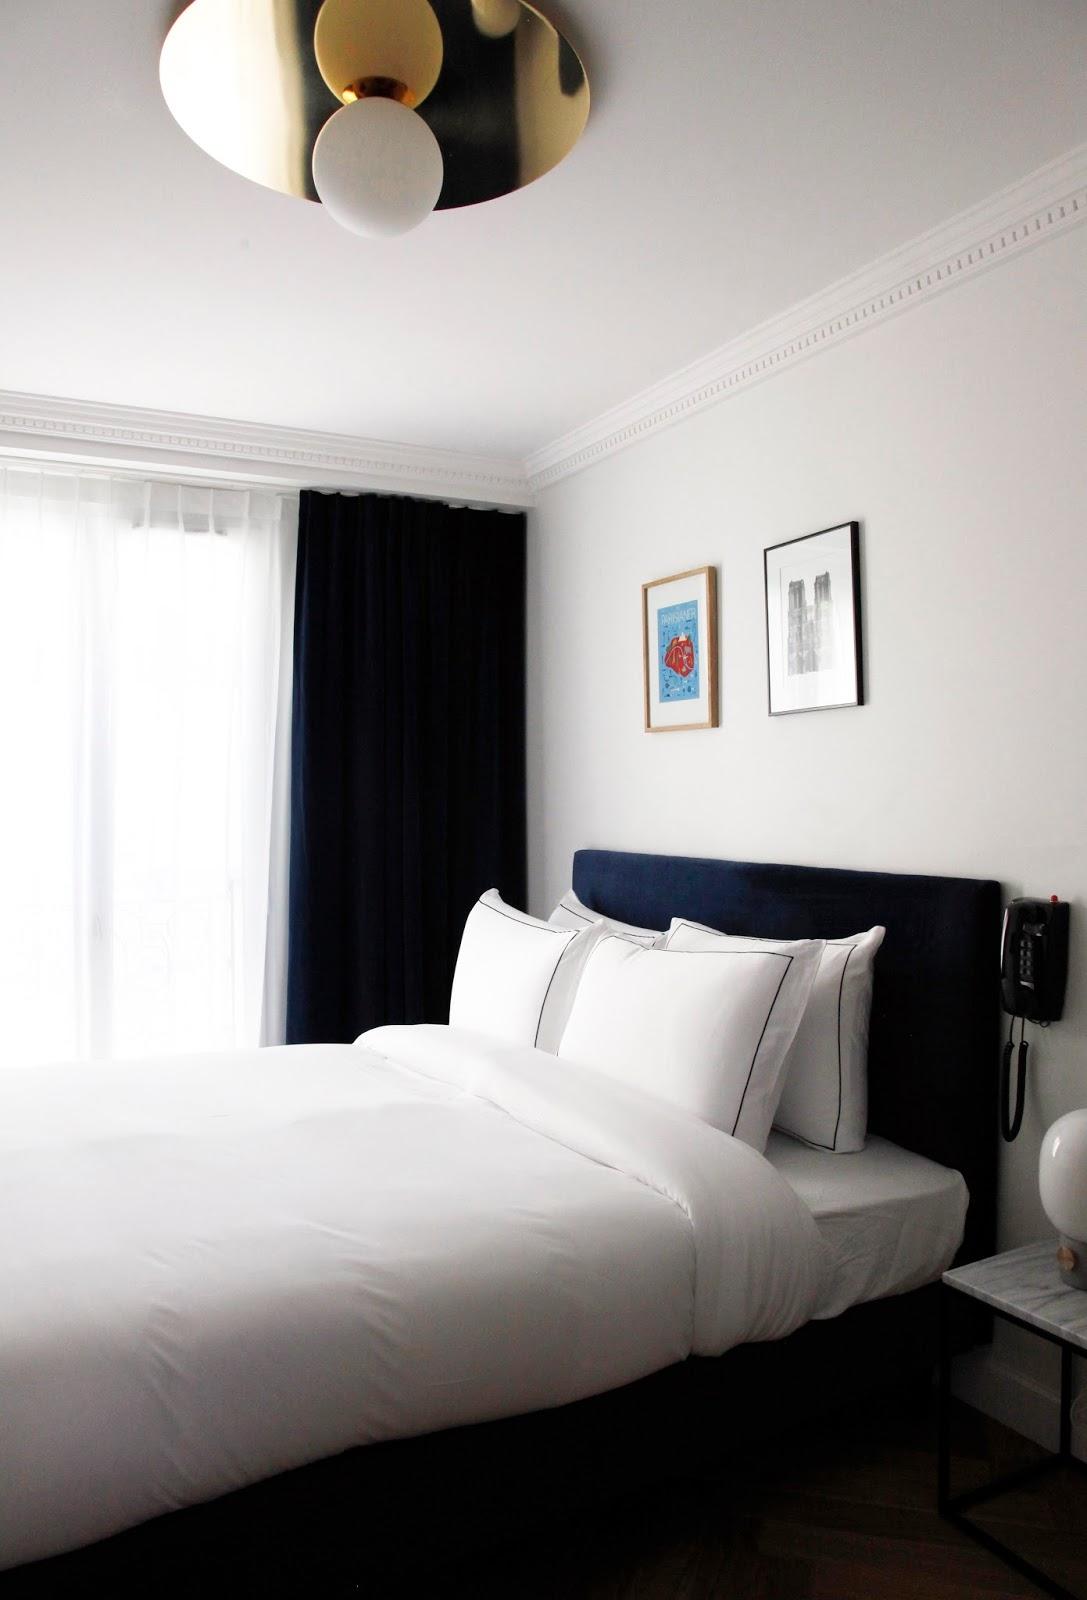 CH1_COPYRIGHT_PLANDA_ARCHITECTES_PARIS_RENDEZ_VOUS_HOTEL_BATIGNOLLES_PARIS_DESIGN__MG_4614